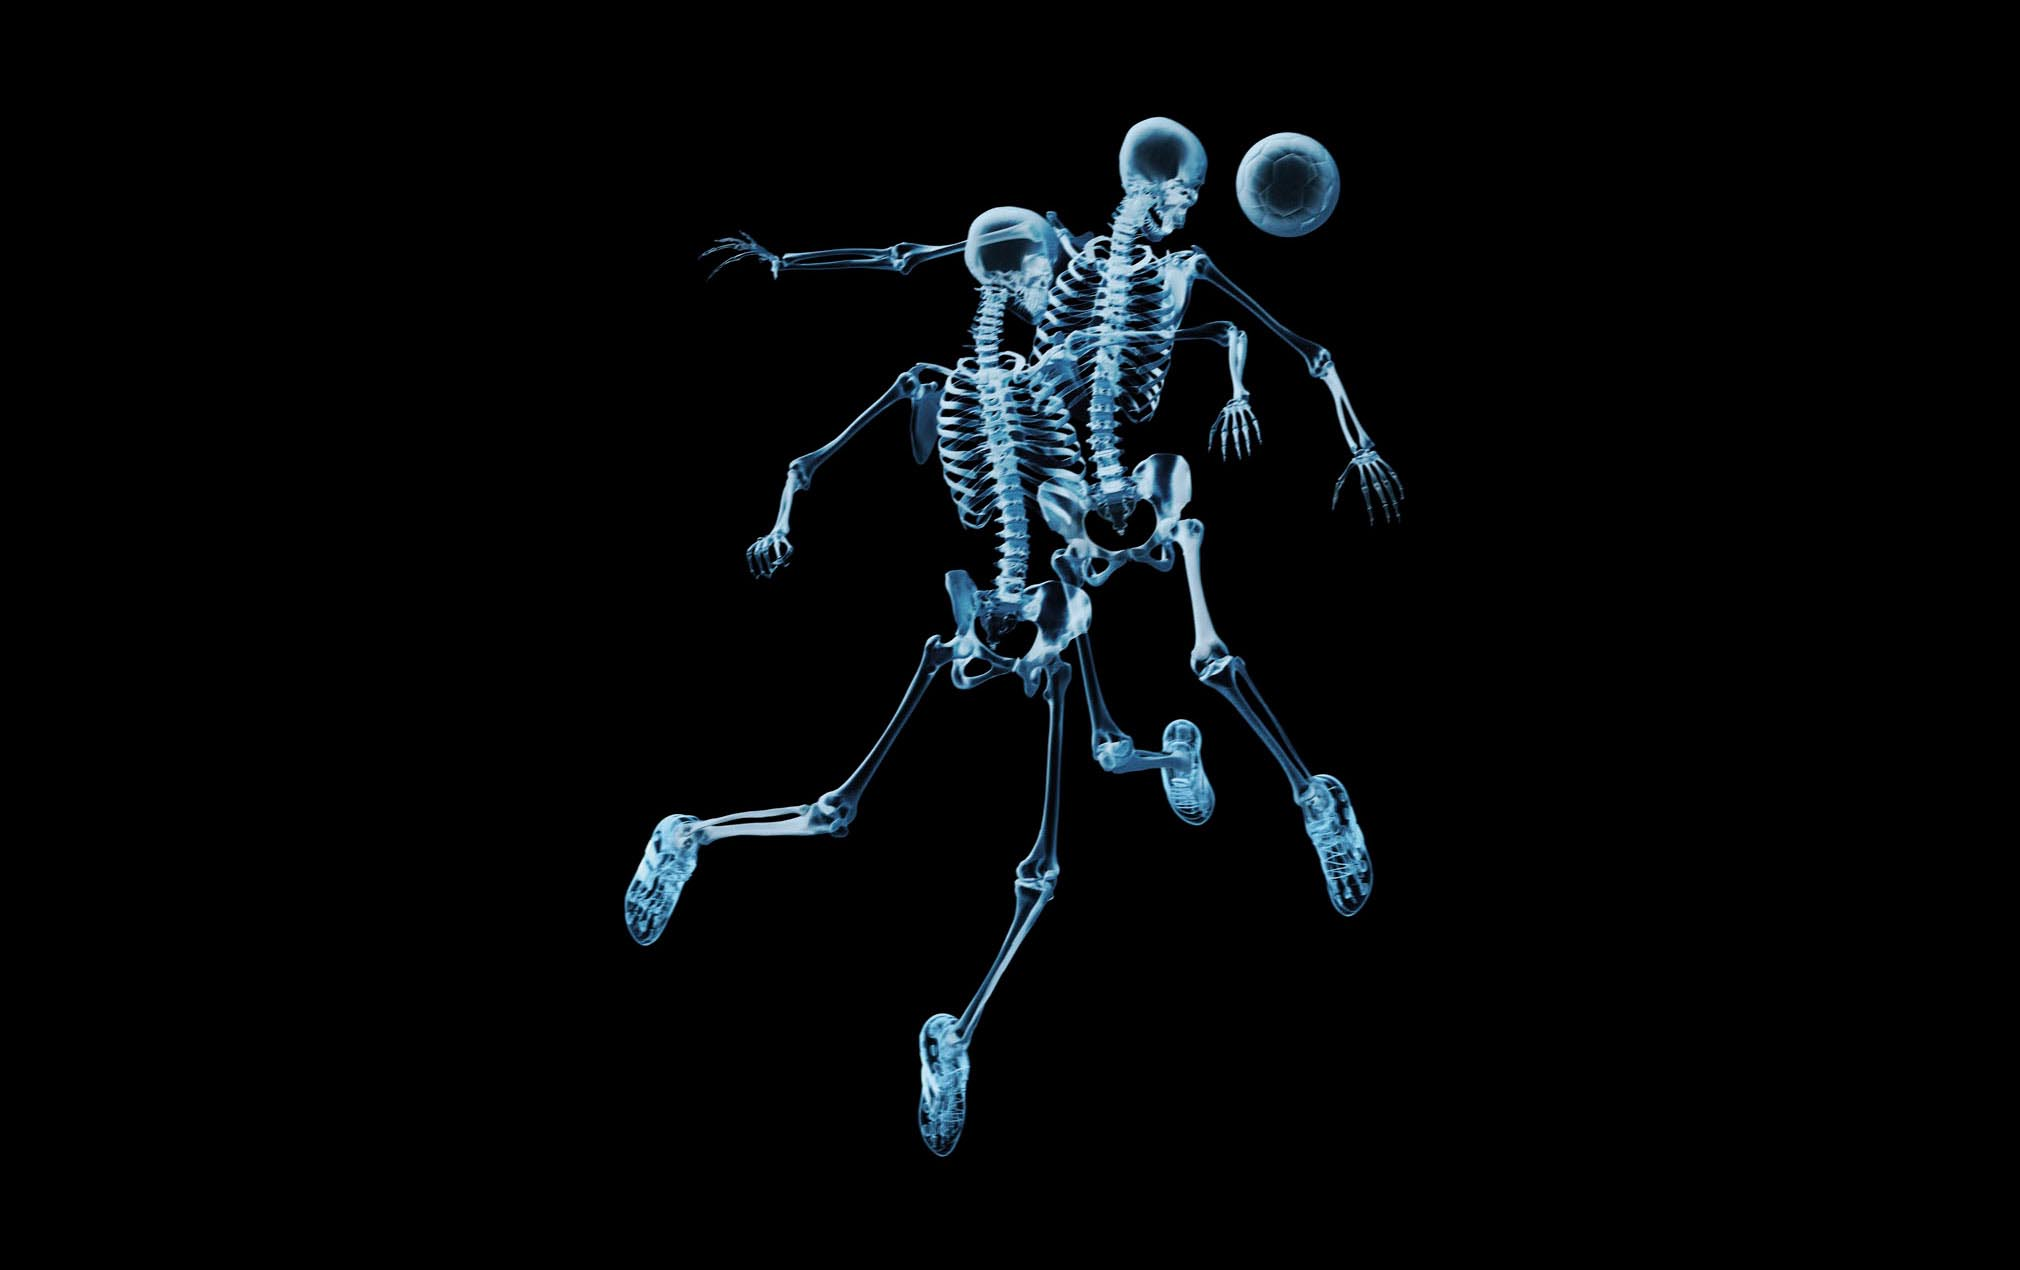 Fondos De Pantalla Fondo Negro Esqueleto Humor Descargar